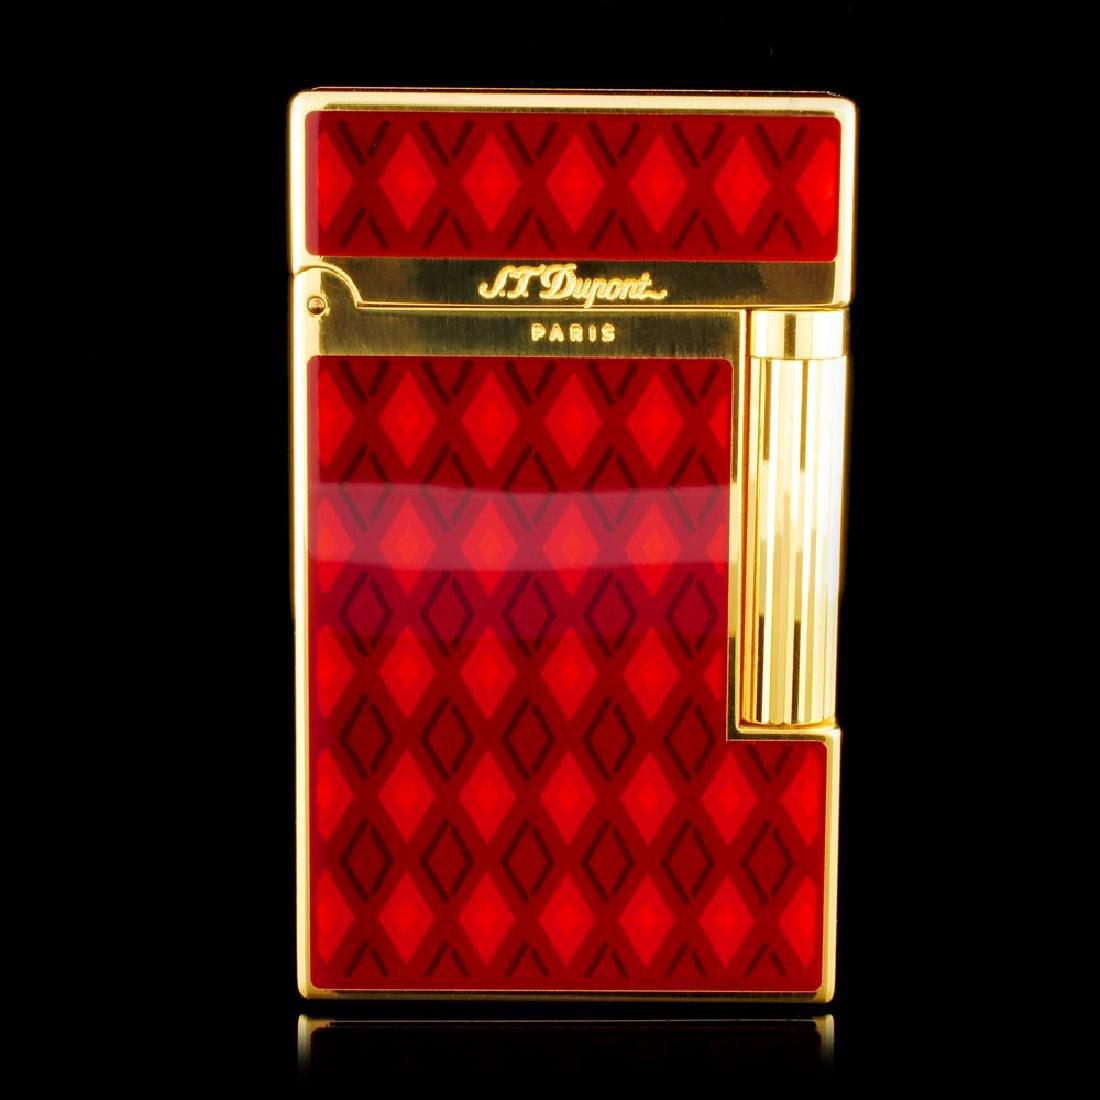 St. Dupont Vertigo II Lighter